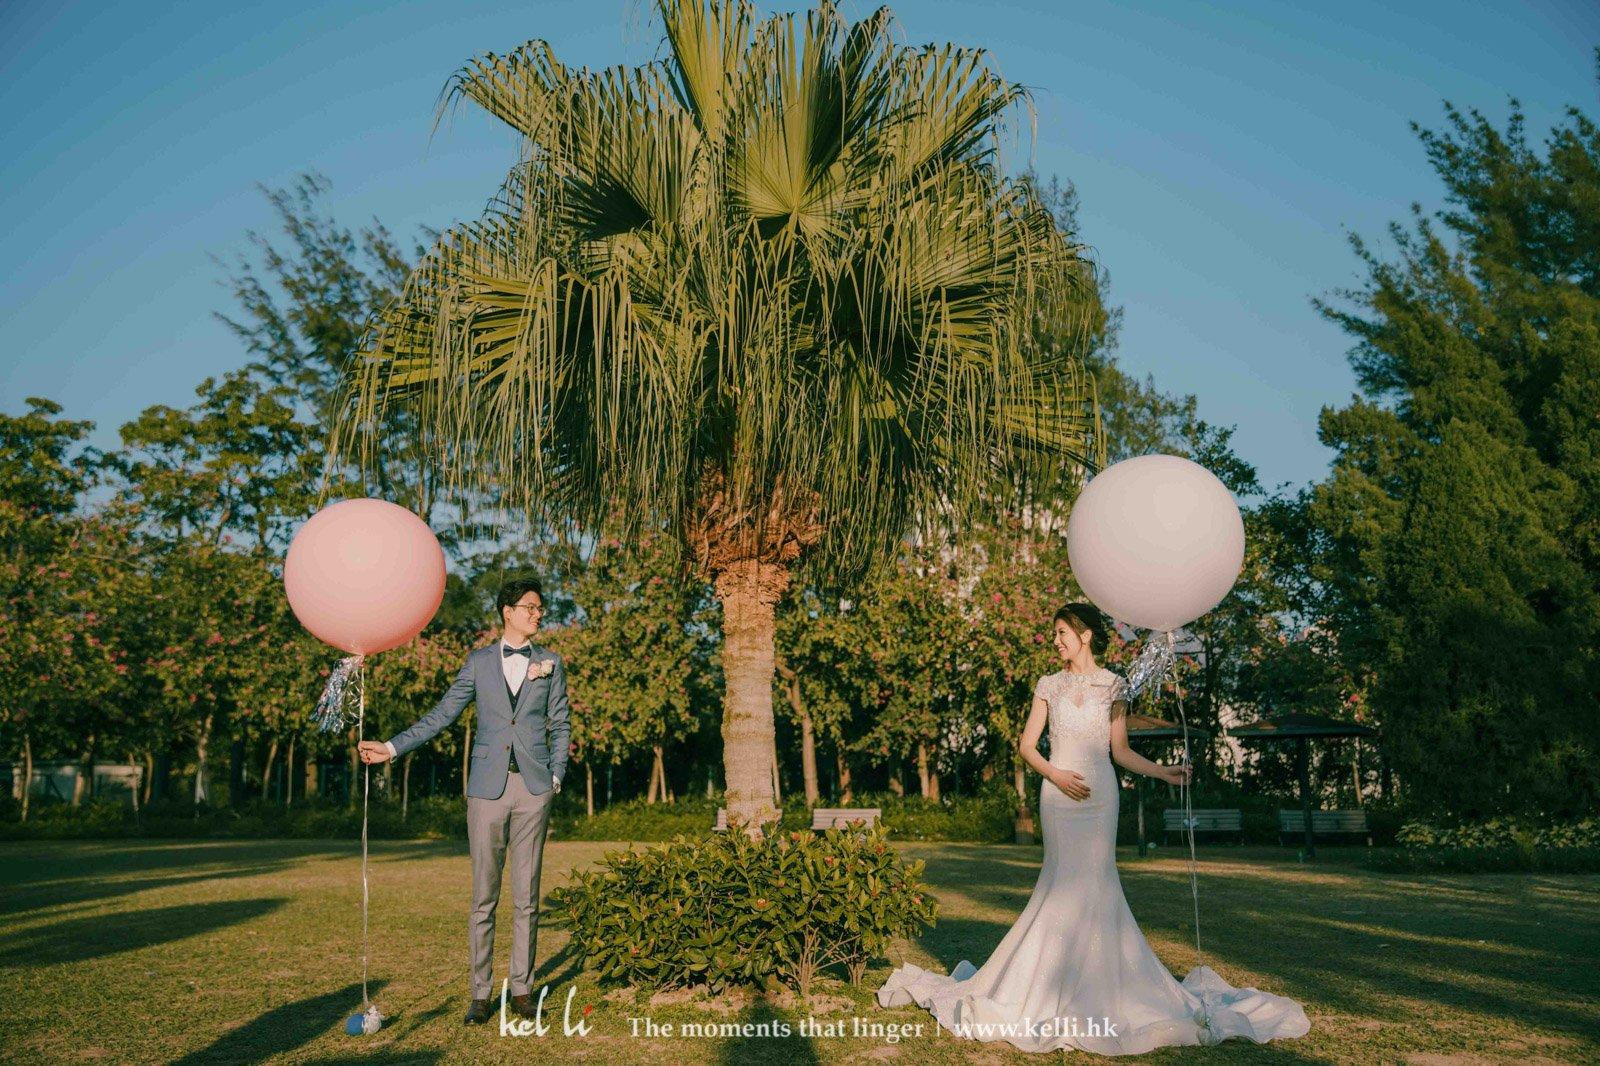 圓圓的氣球象徵著圓滿的婚姻